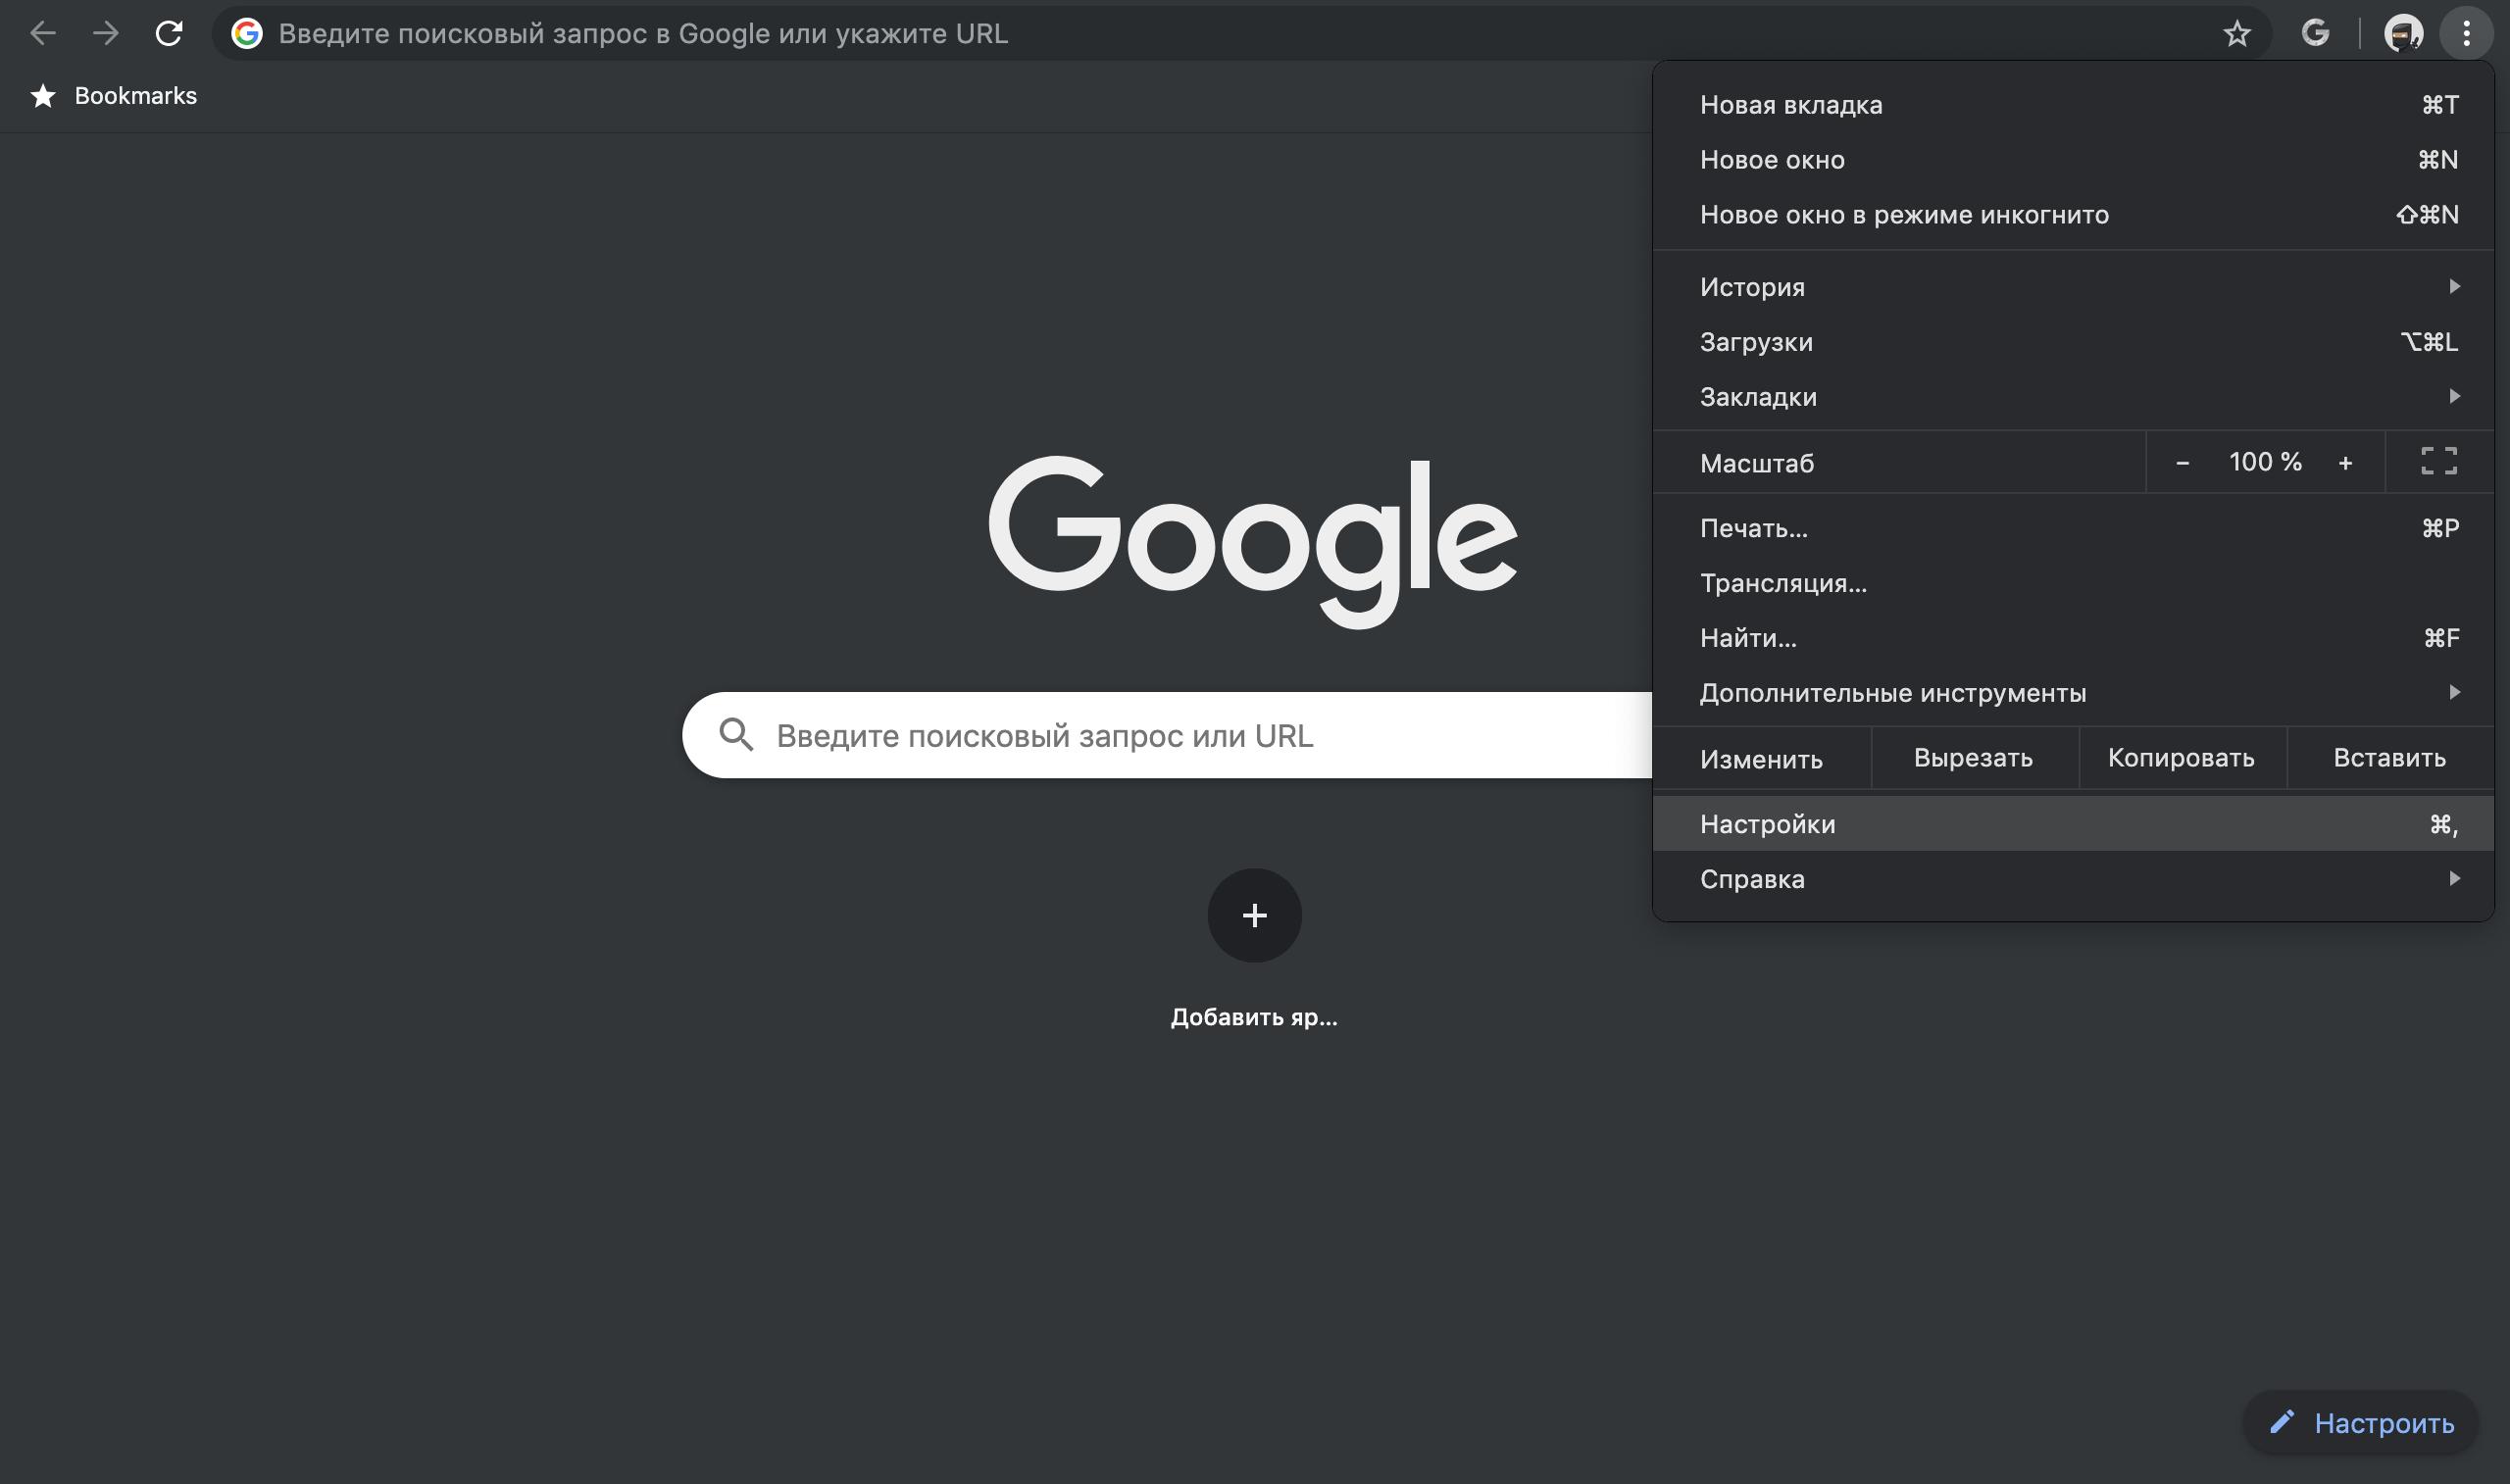 Настройки для запрета автоматического скачивания файлов